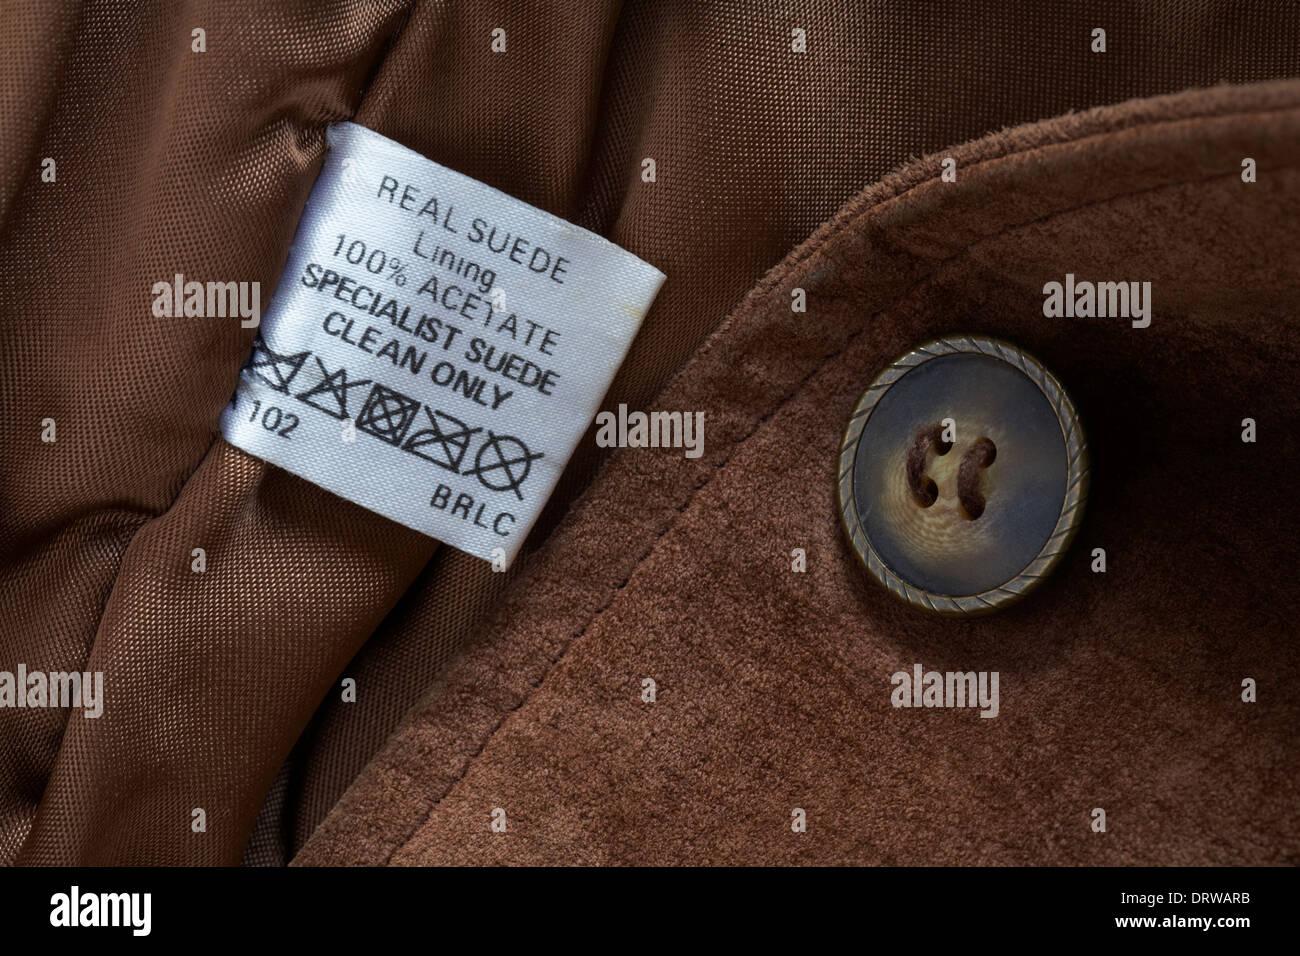 Echtes Wildleder-Label in Jacke Stockbild